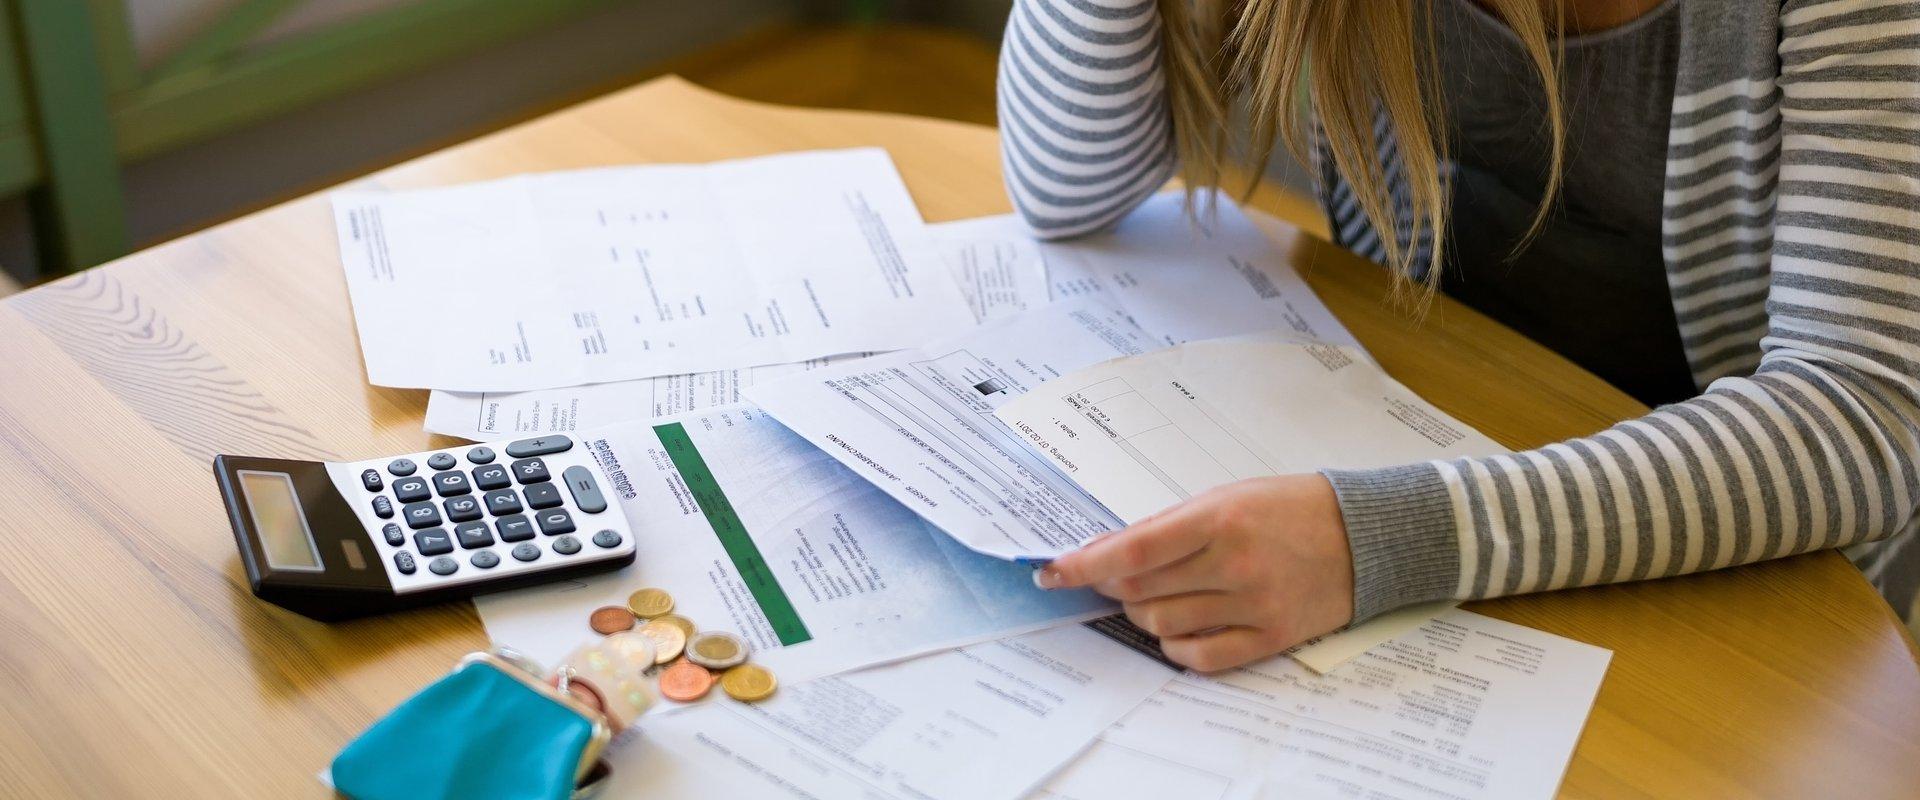 Pieniądze z UE wzmocnią tarczę. Pożyczki na płynność pod koniec kwietnia